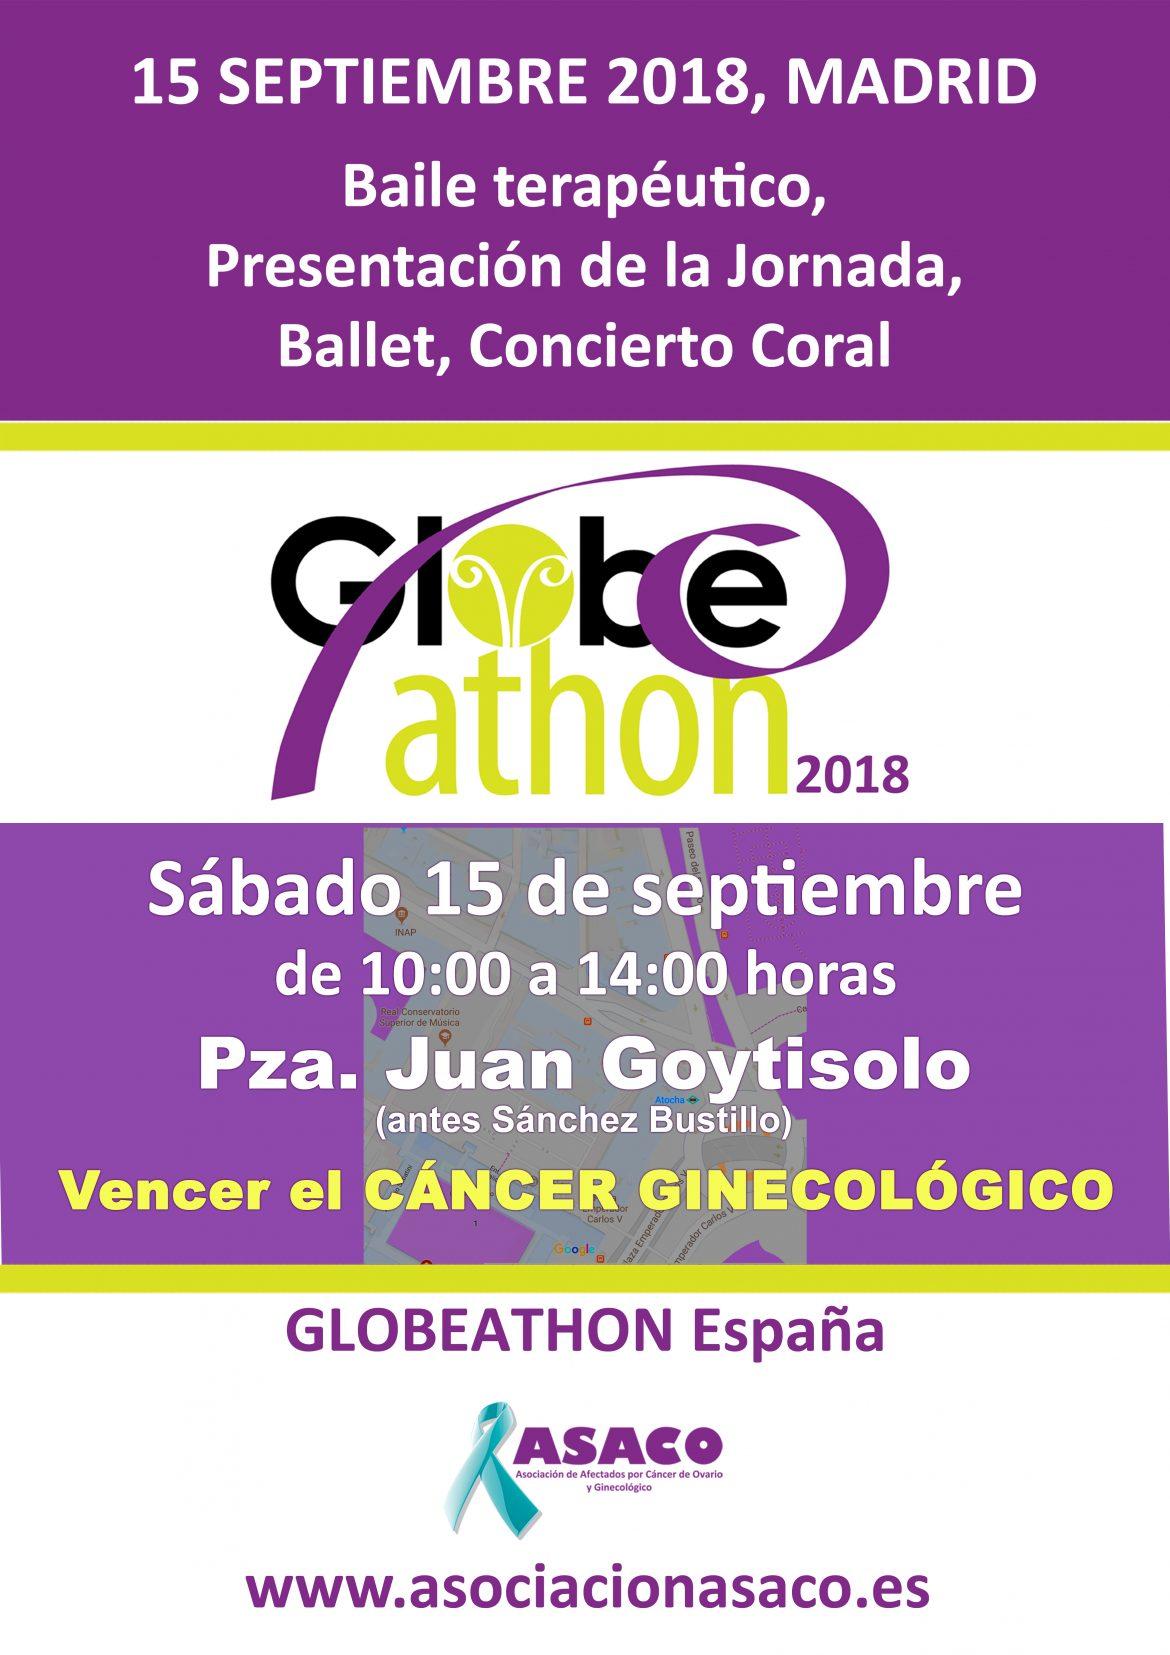 Globeathon, una iniciativa para concienciar sobre tumores ginecológicos